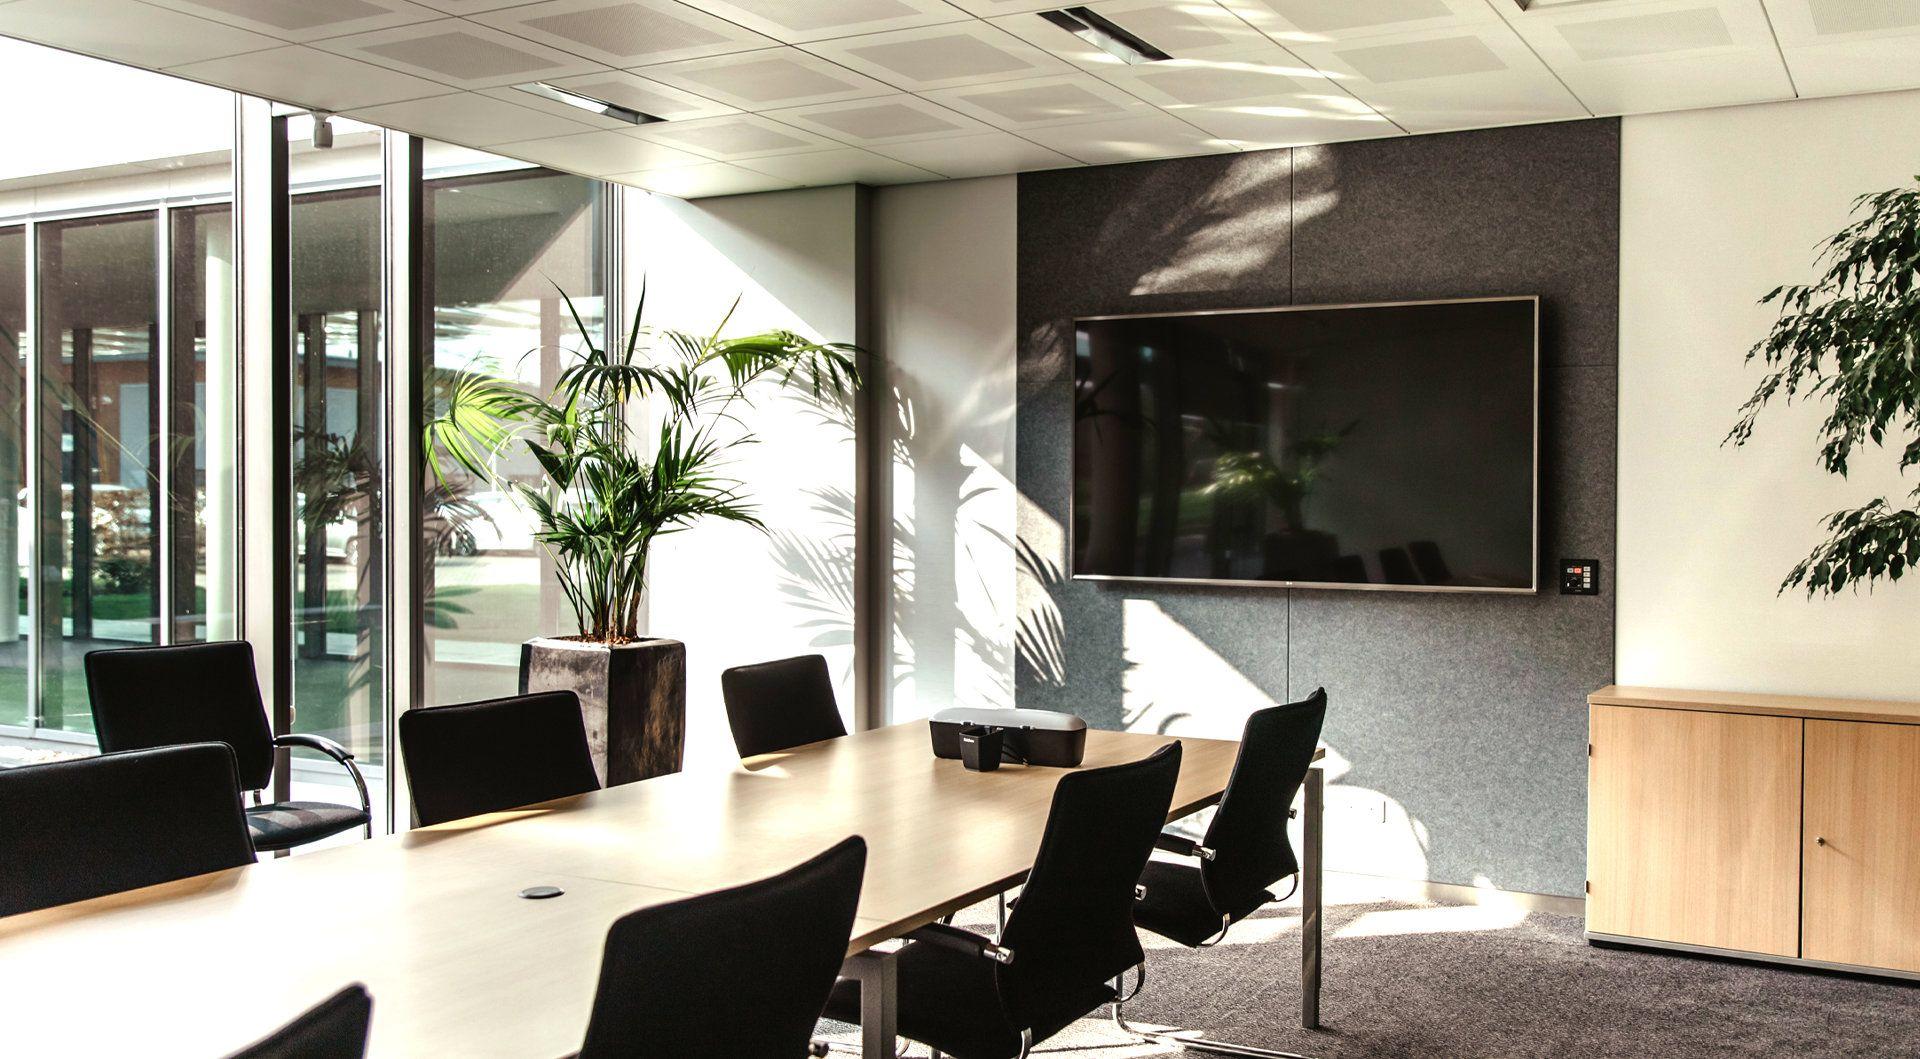 """Projecta ProScreen 183x240 Matte White S projectiescherm 3,05 m (120"""") 4:3 - Case studie de vries"""